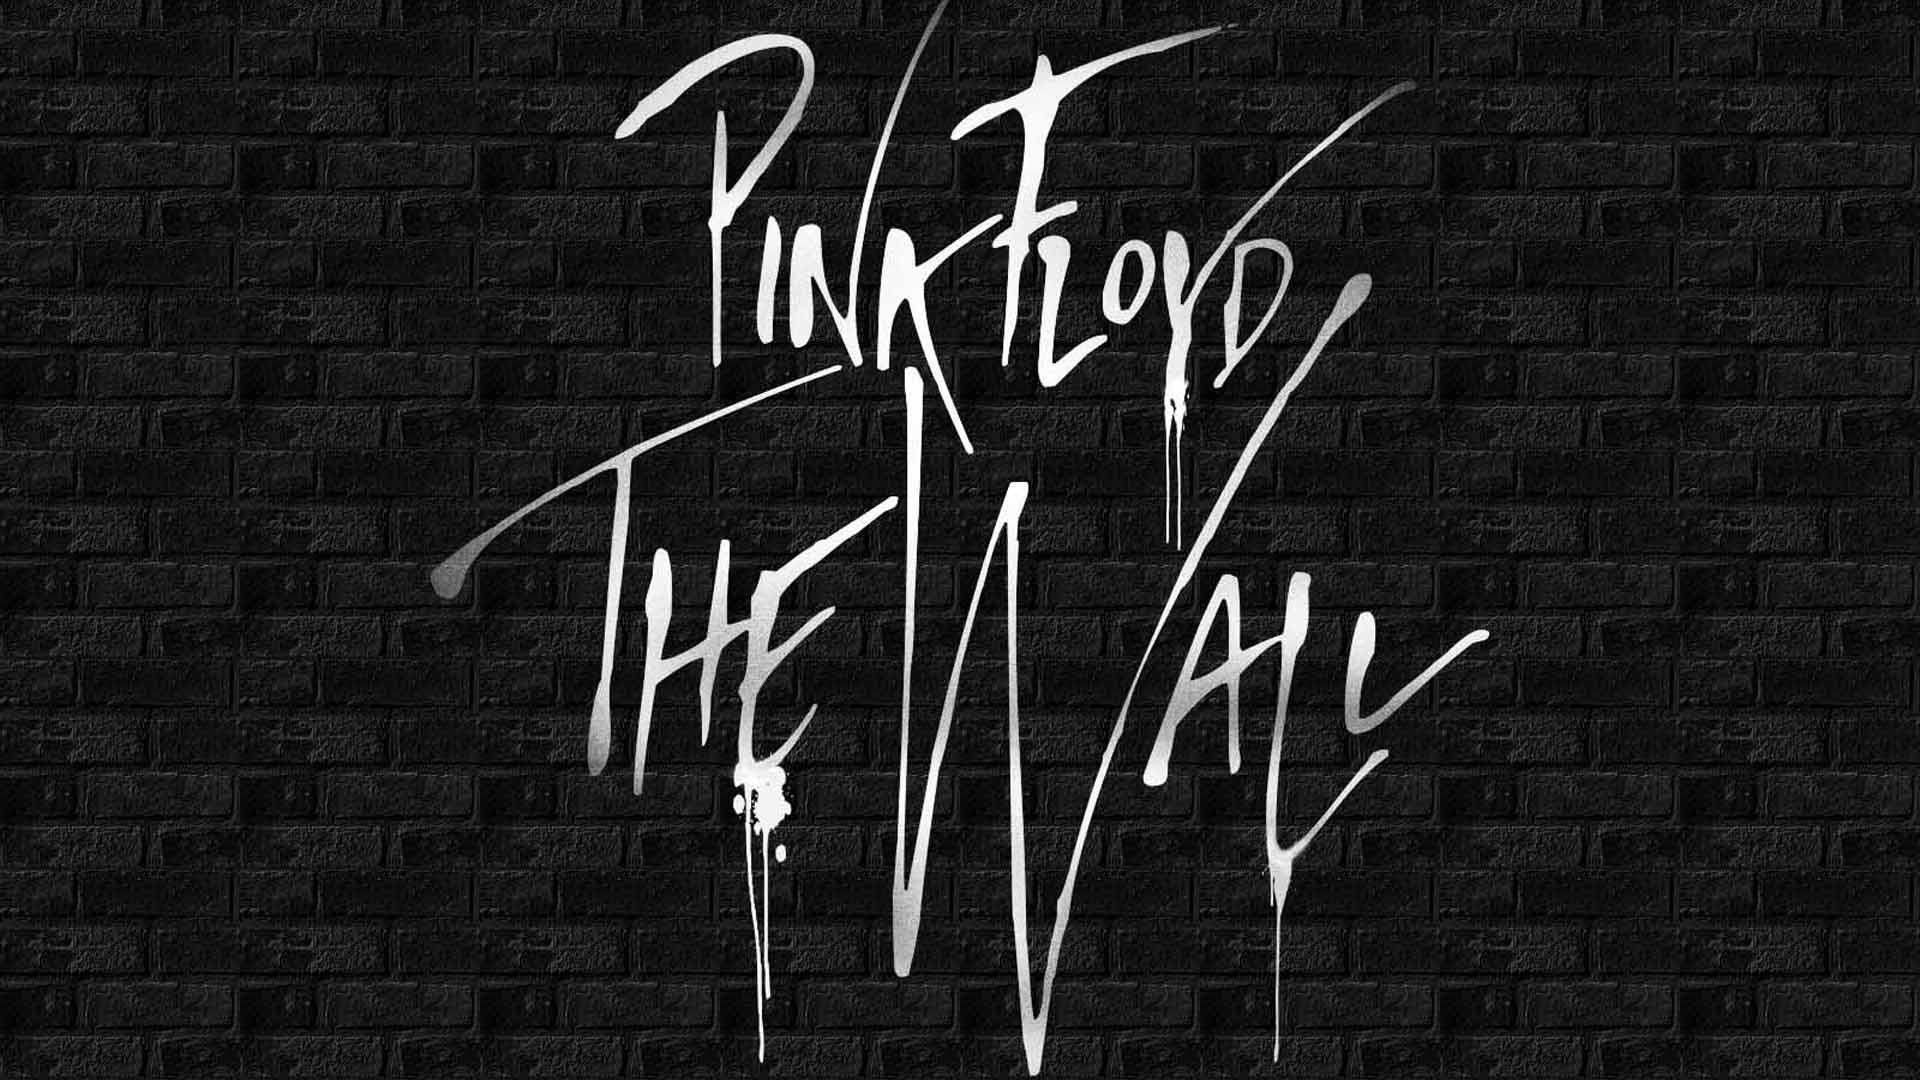 Pink Floyd Desktop Wallpaper 73 Pictures